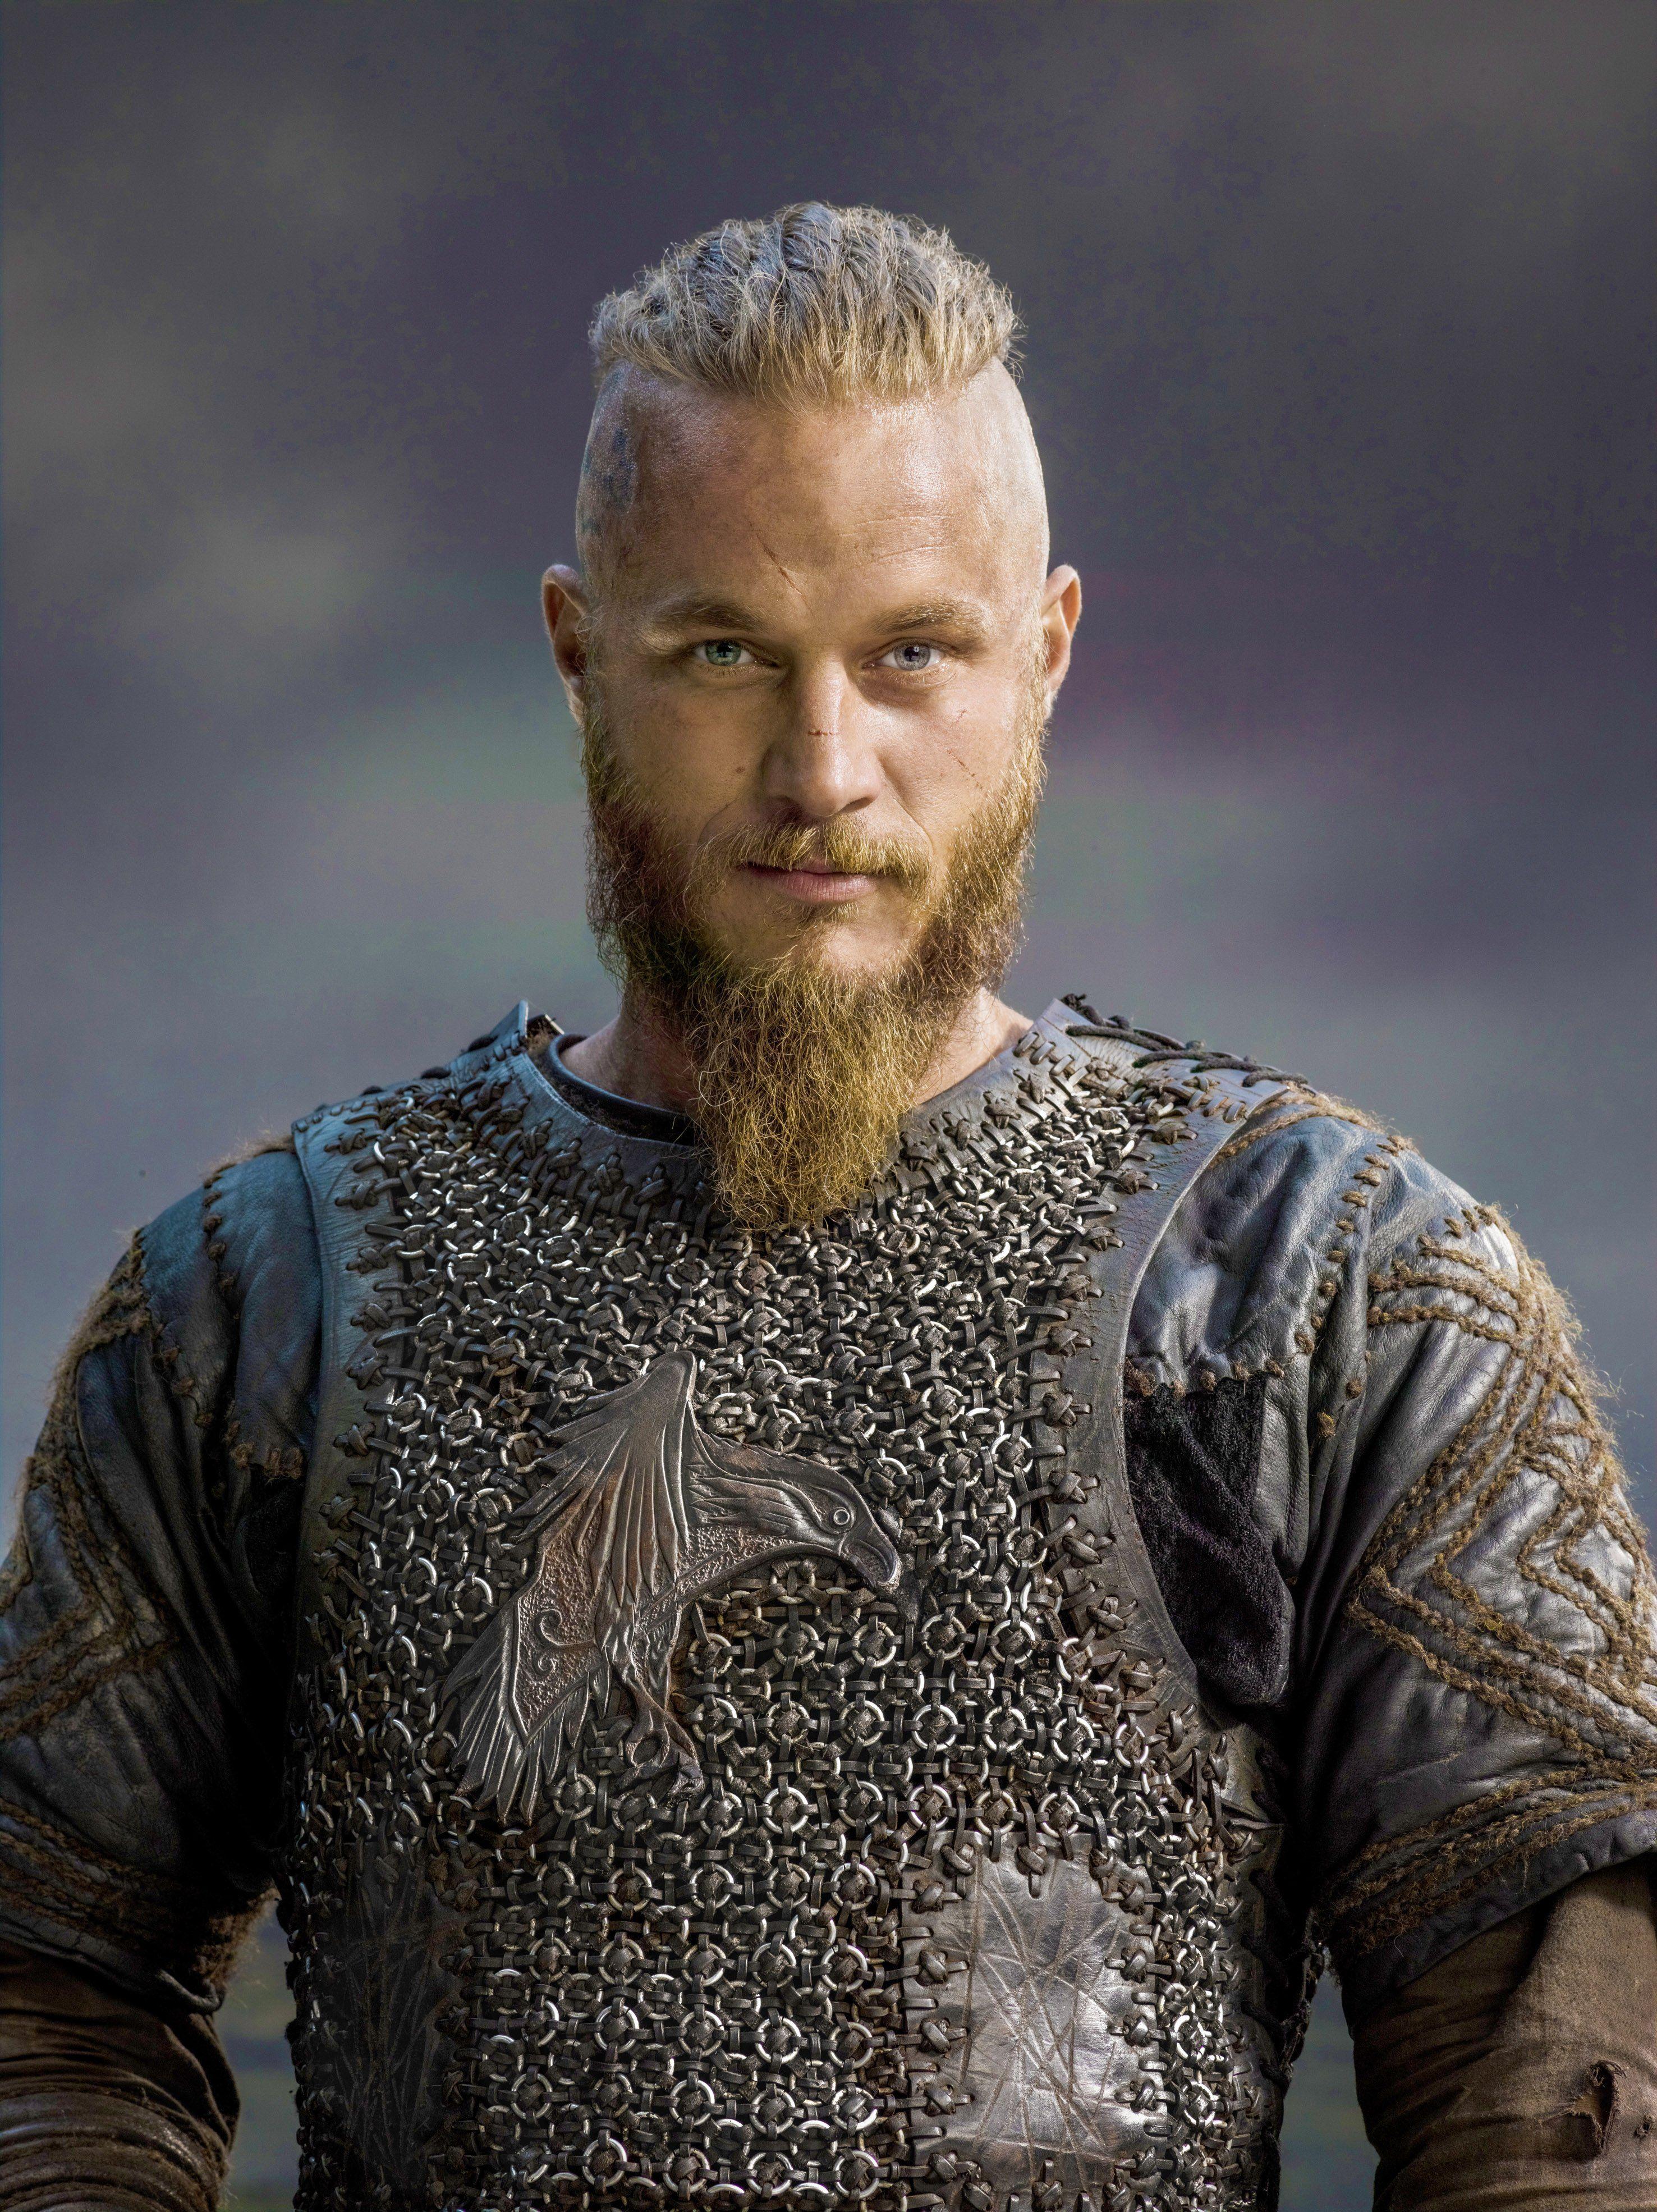 Vikings-Season-2-Ragnar-Lothbrok-official-picture-vikings-tv-series-37686623-2953-3941.jpg (Image JPEG, 2953 × 3941 pixels)